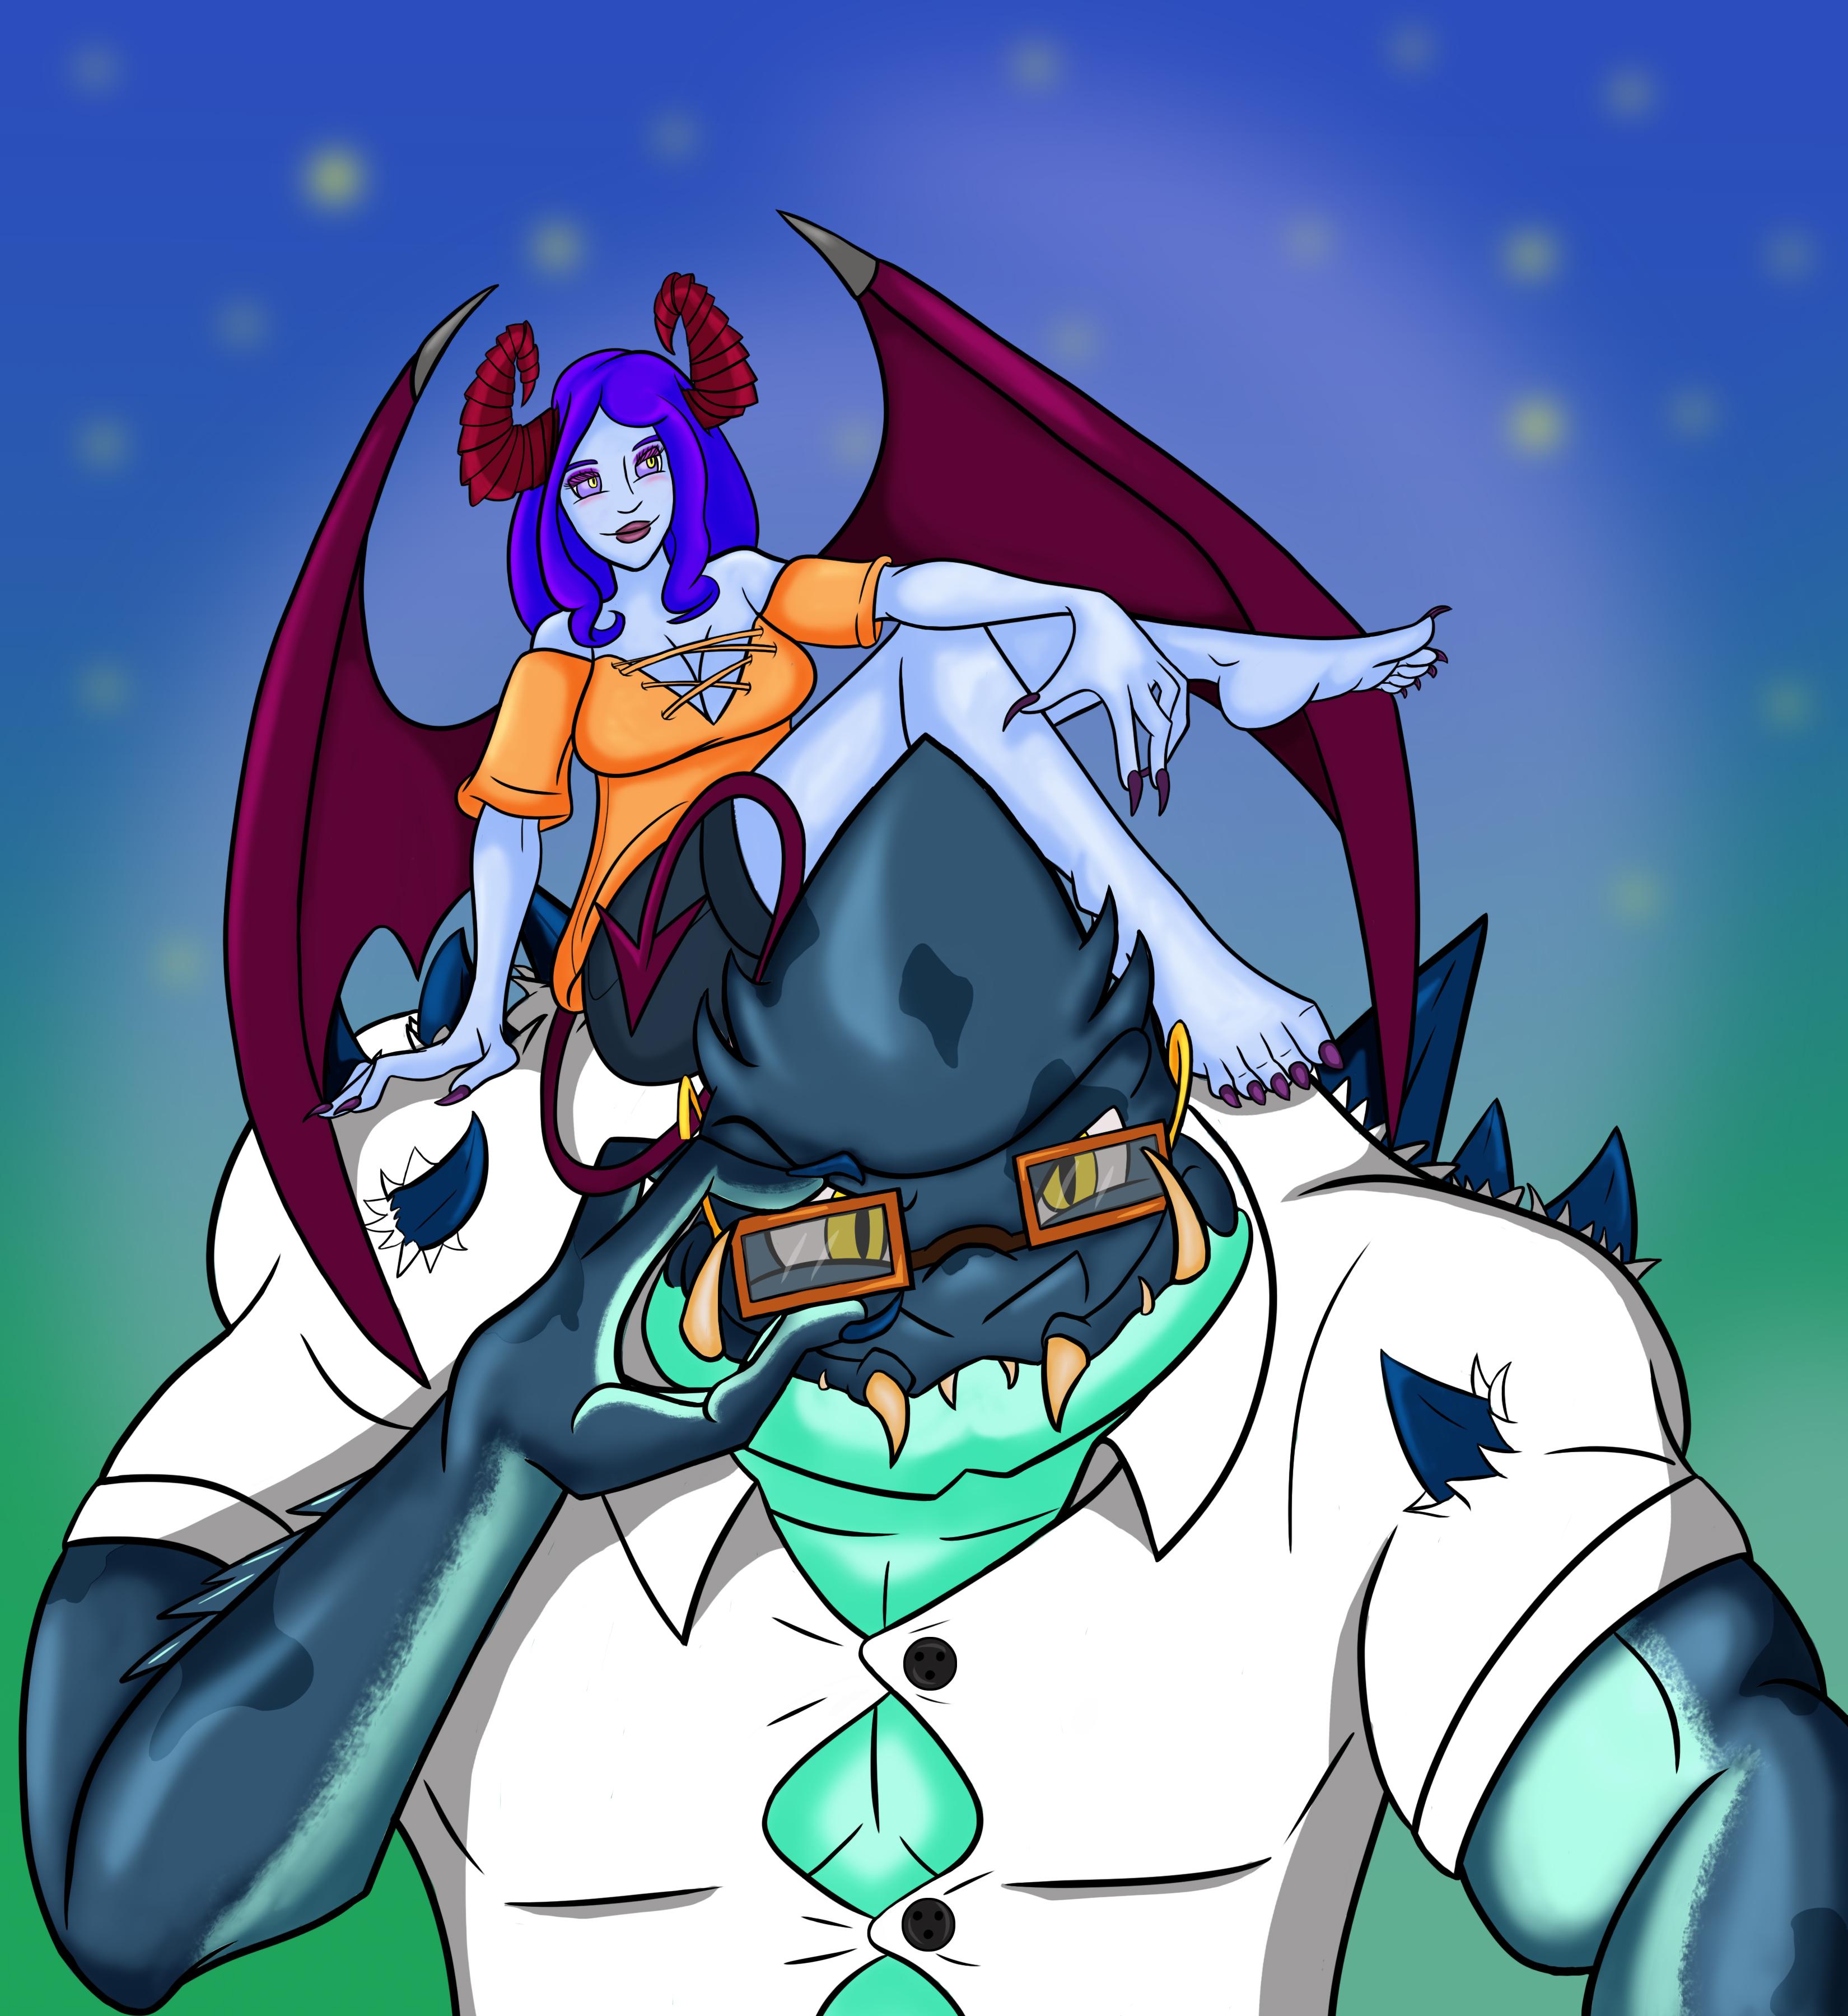 Anahi and Endel